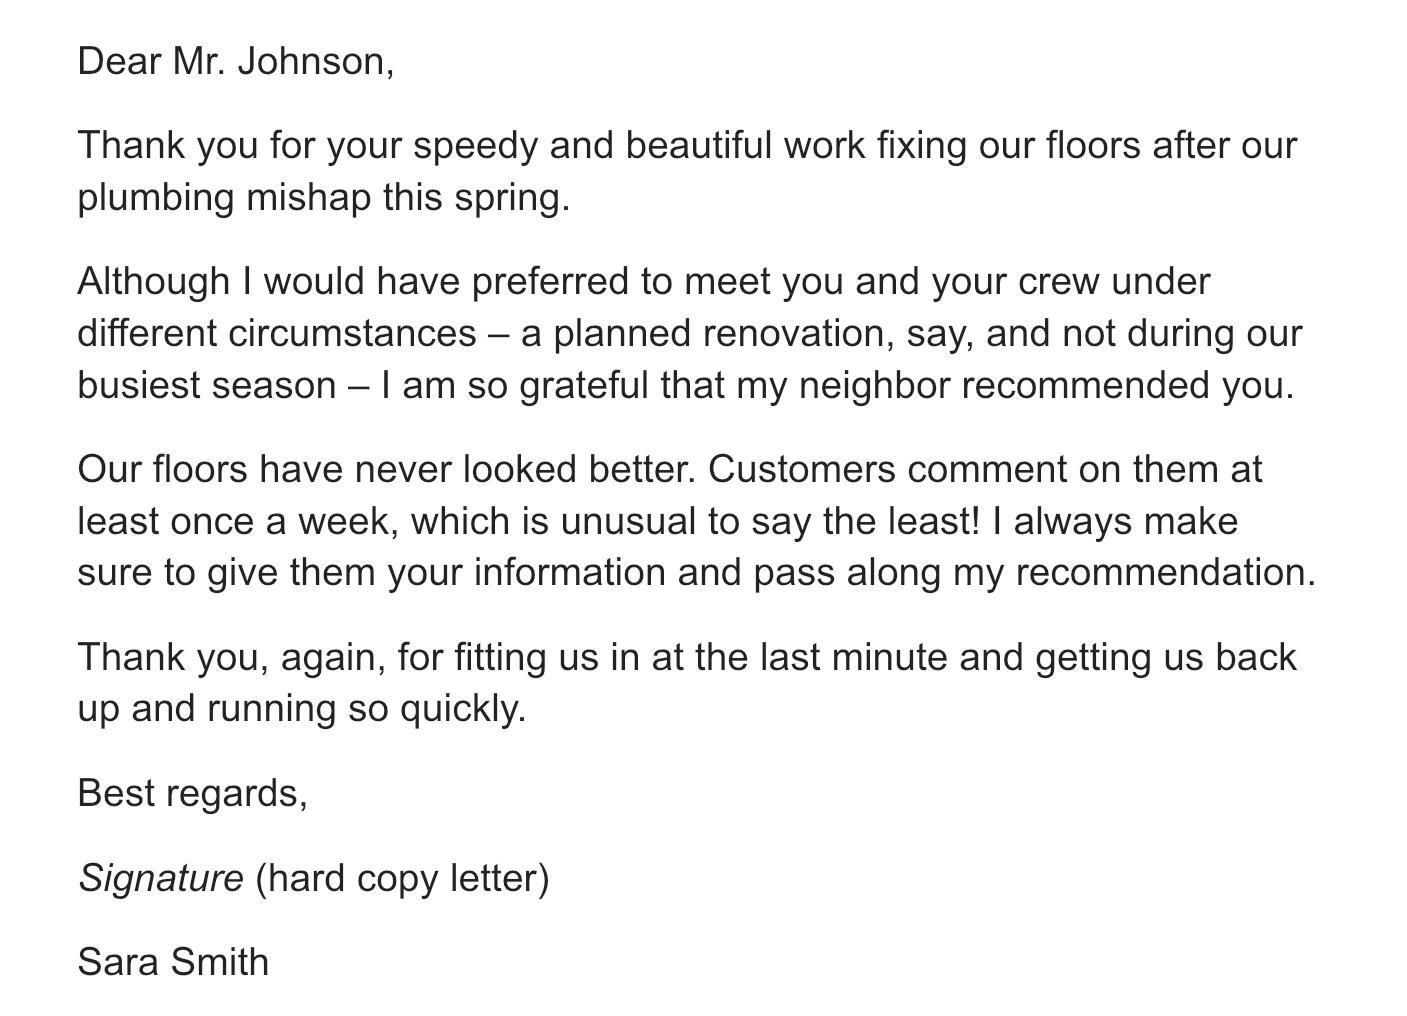 письмо с благодарностью за работу на английском